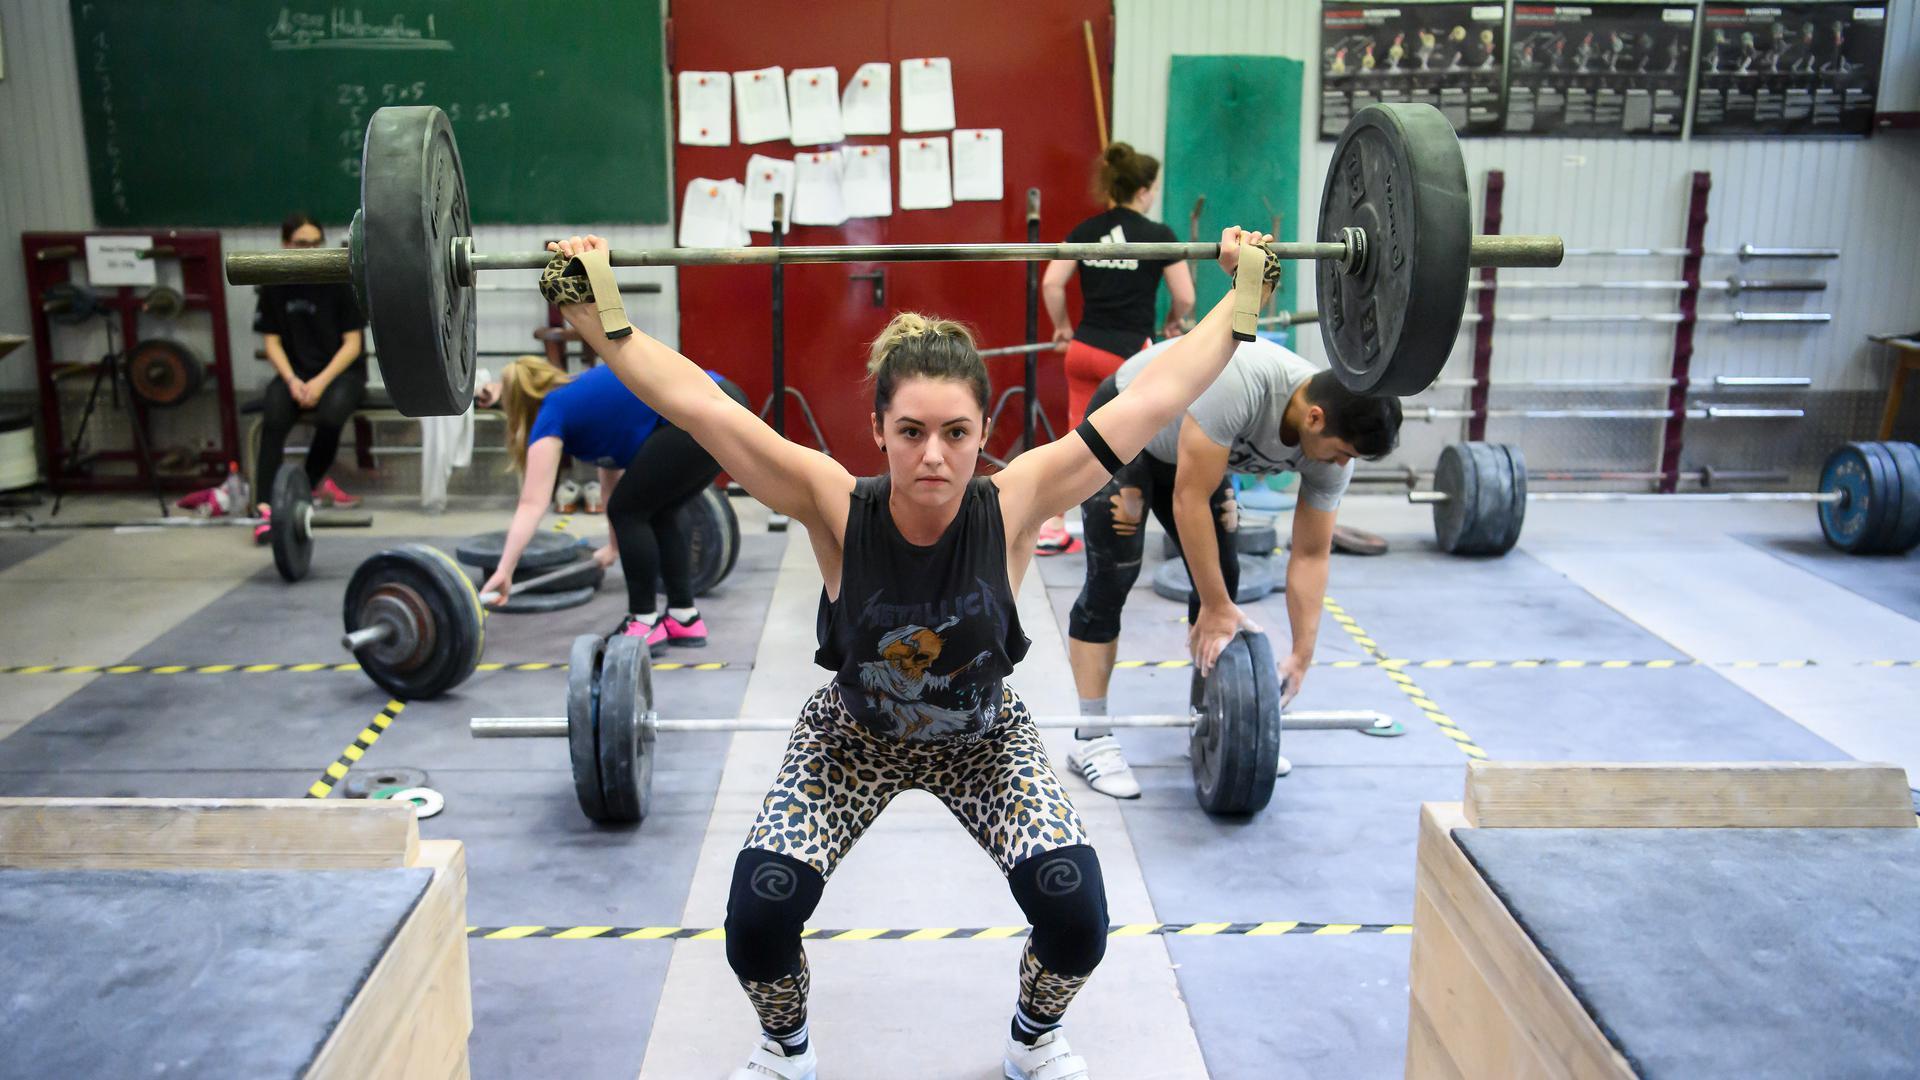 Vanessa Schaub in Aktion.  GES/ Gewichtheben/ KSV Durlach - Training, 09.08.2021